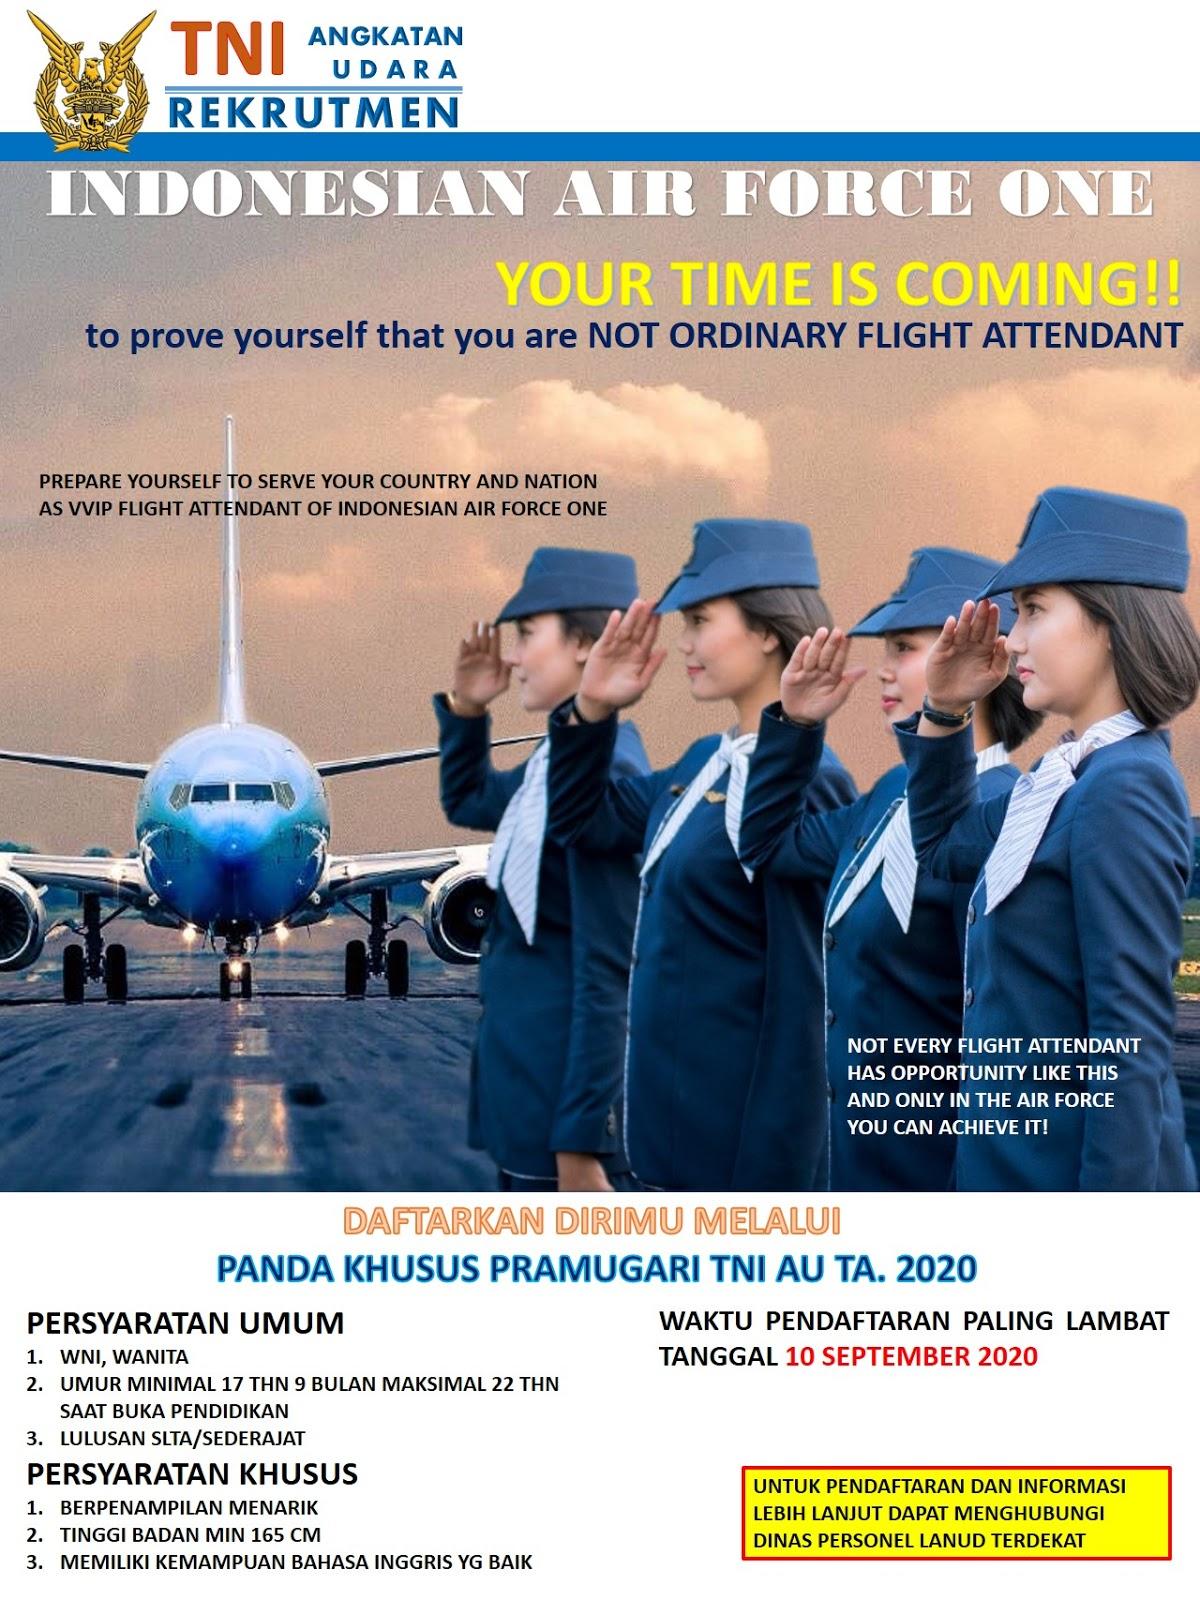 Calon Panda Khusus TNI Angkatan Udara Tingkat SMA SMK Tahun